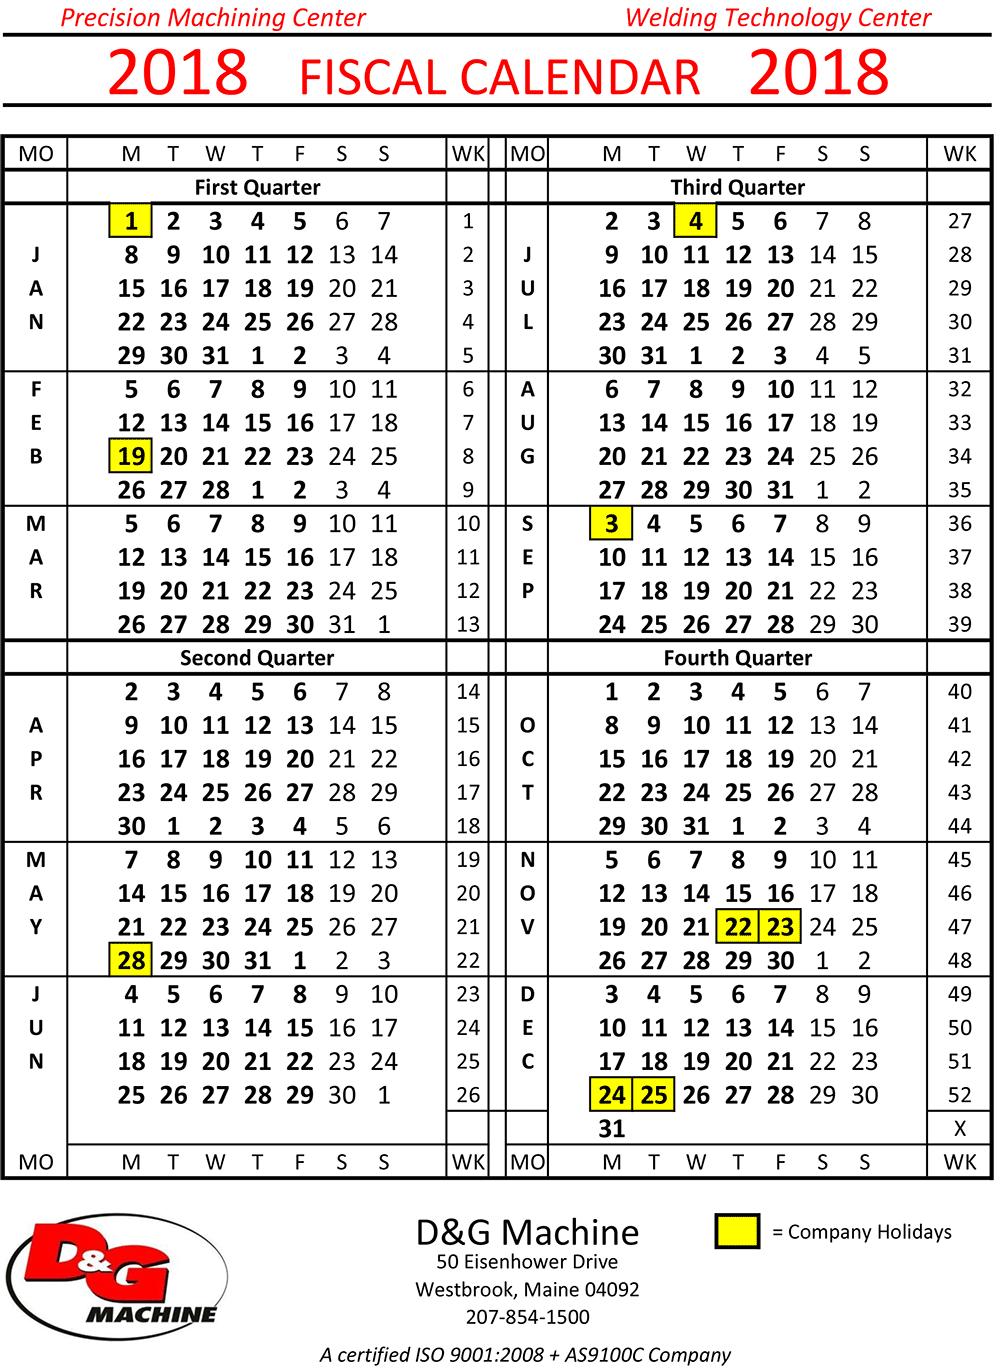 2018 fiscal calendar